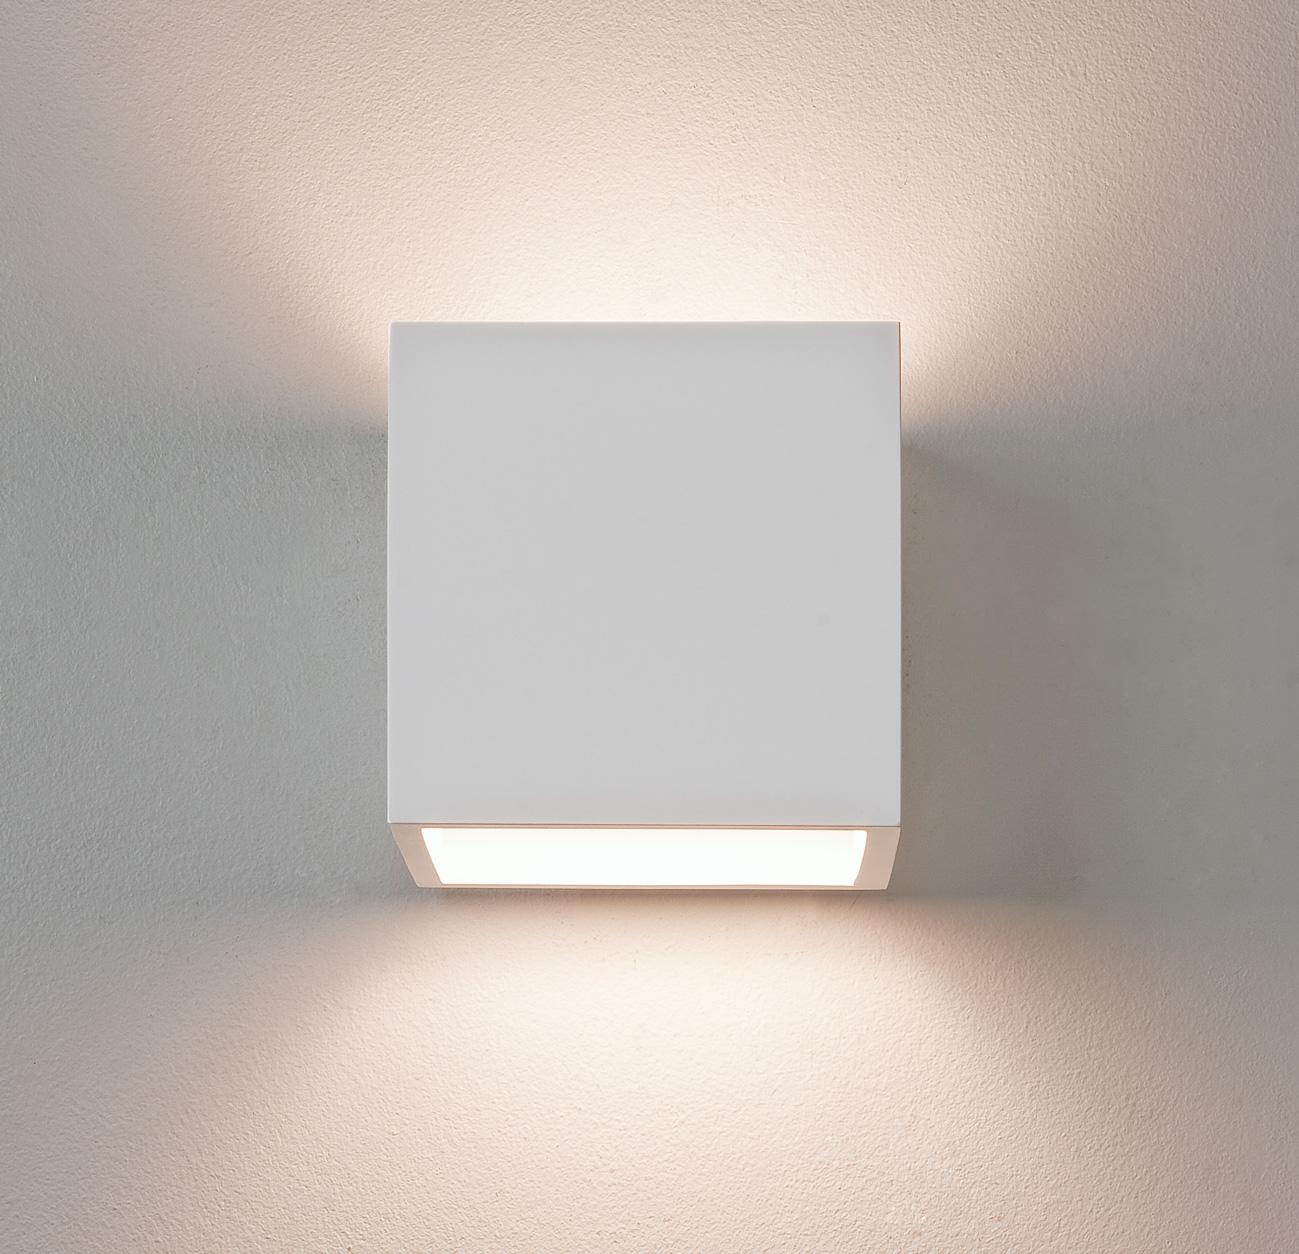 Astro pienza square cube ceramic plaster wall light 60w e14 white ebay sentinel astro pienza square cube ceramic plaster wall light 60w e14 white aloadofball Choice Image